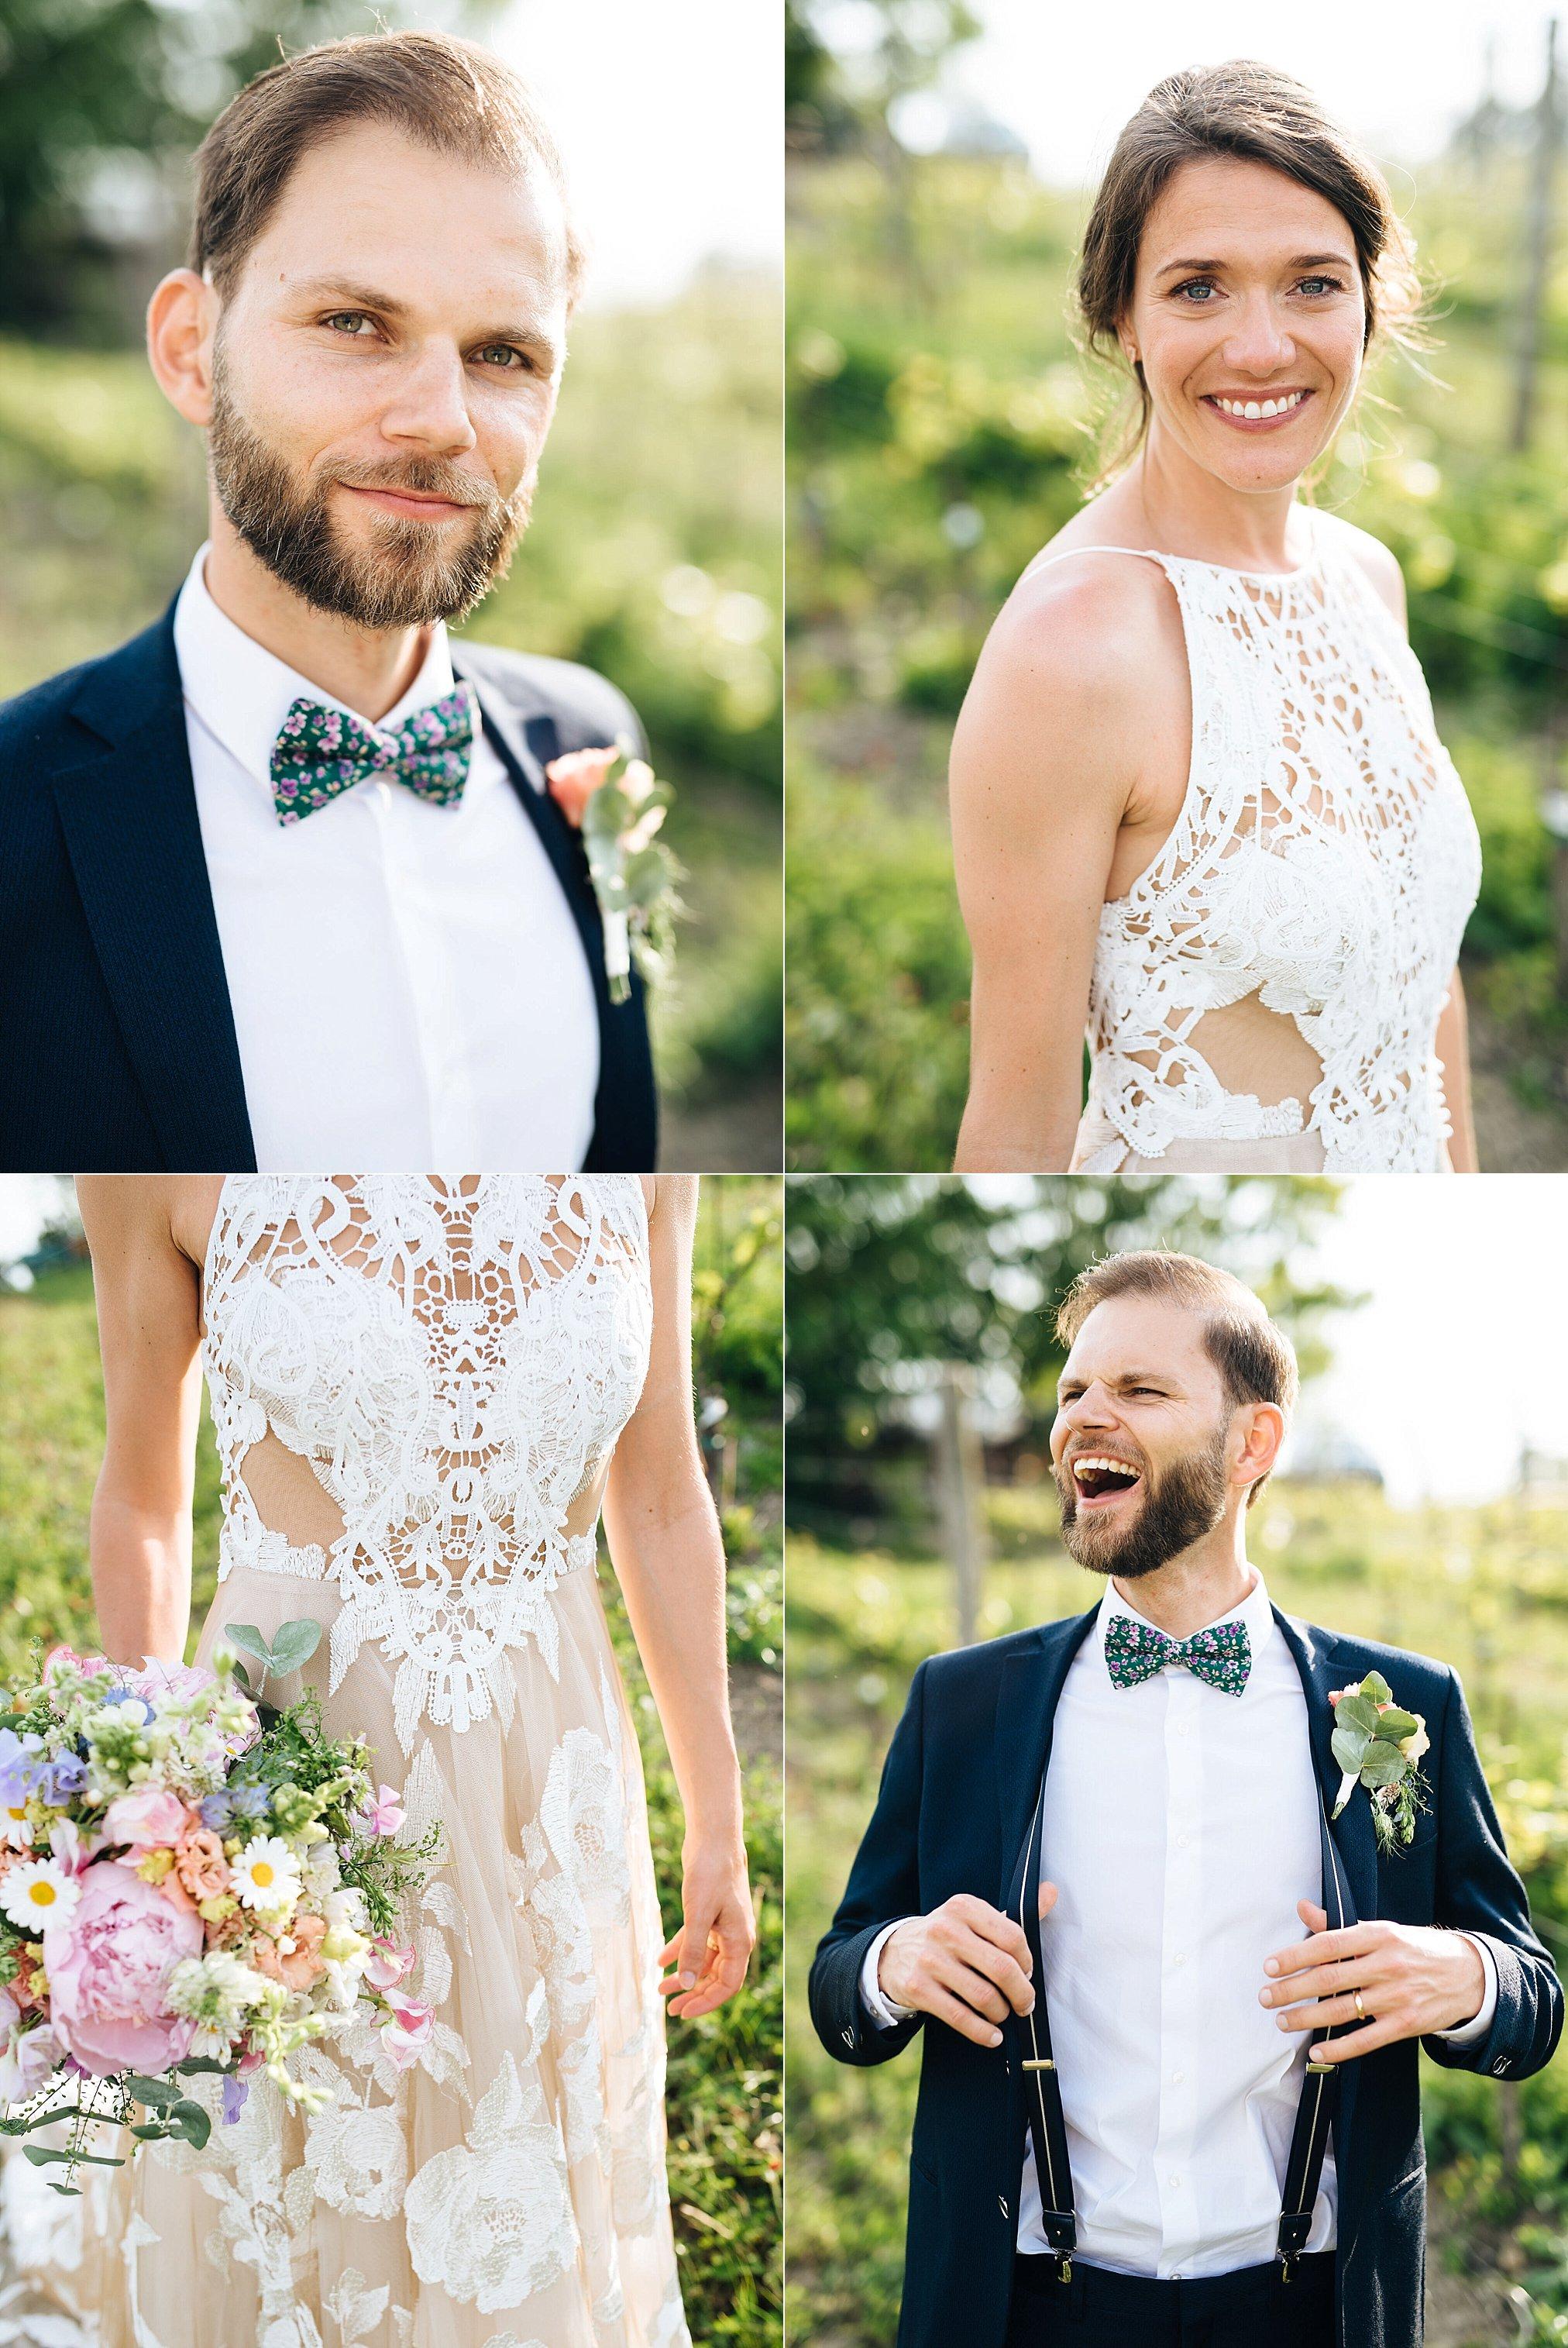 Hochzeit-Salonplafond_0106.jpg